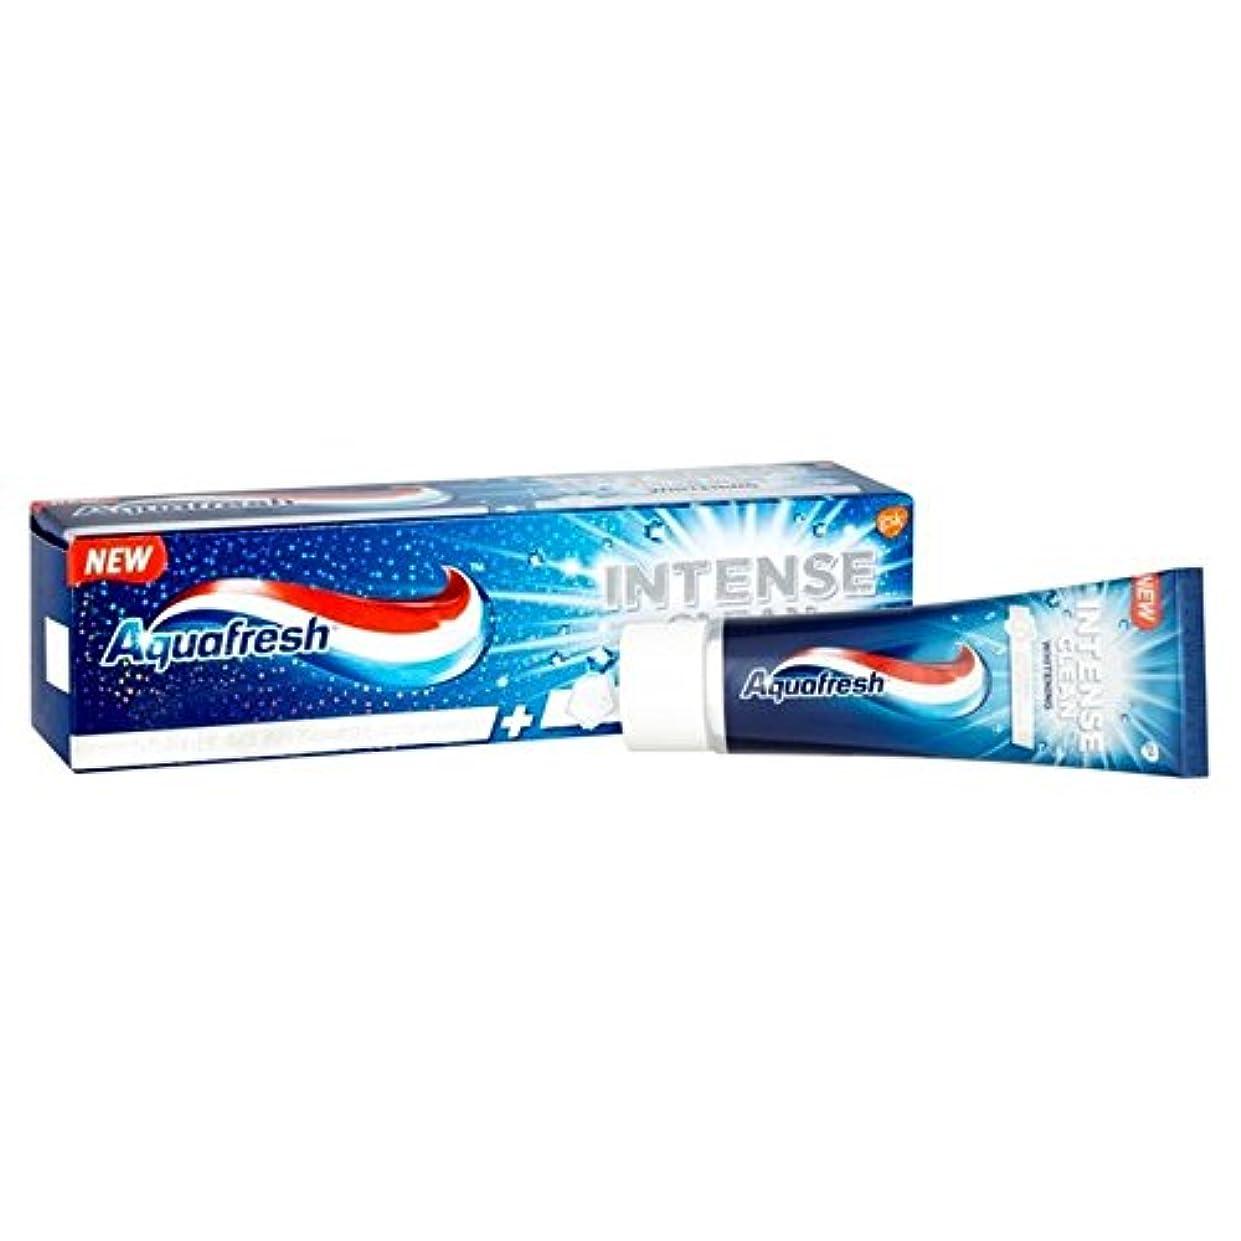 口述する有害吸うAquafresh Intense Clean Whitening 75ml (Pack of 6) - アクアフレッシュ強烈なクリーンホワイトニング75ミリリットル x6 [並行輸入品]